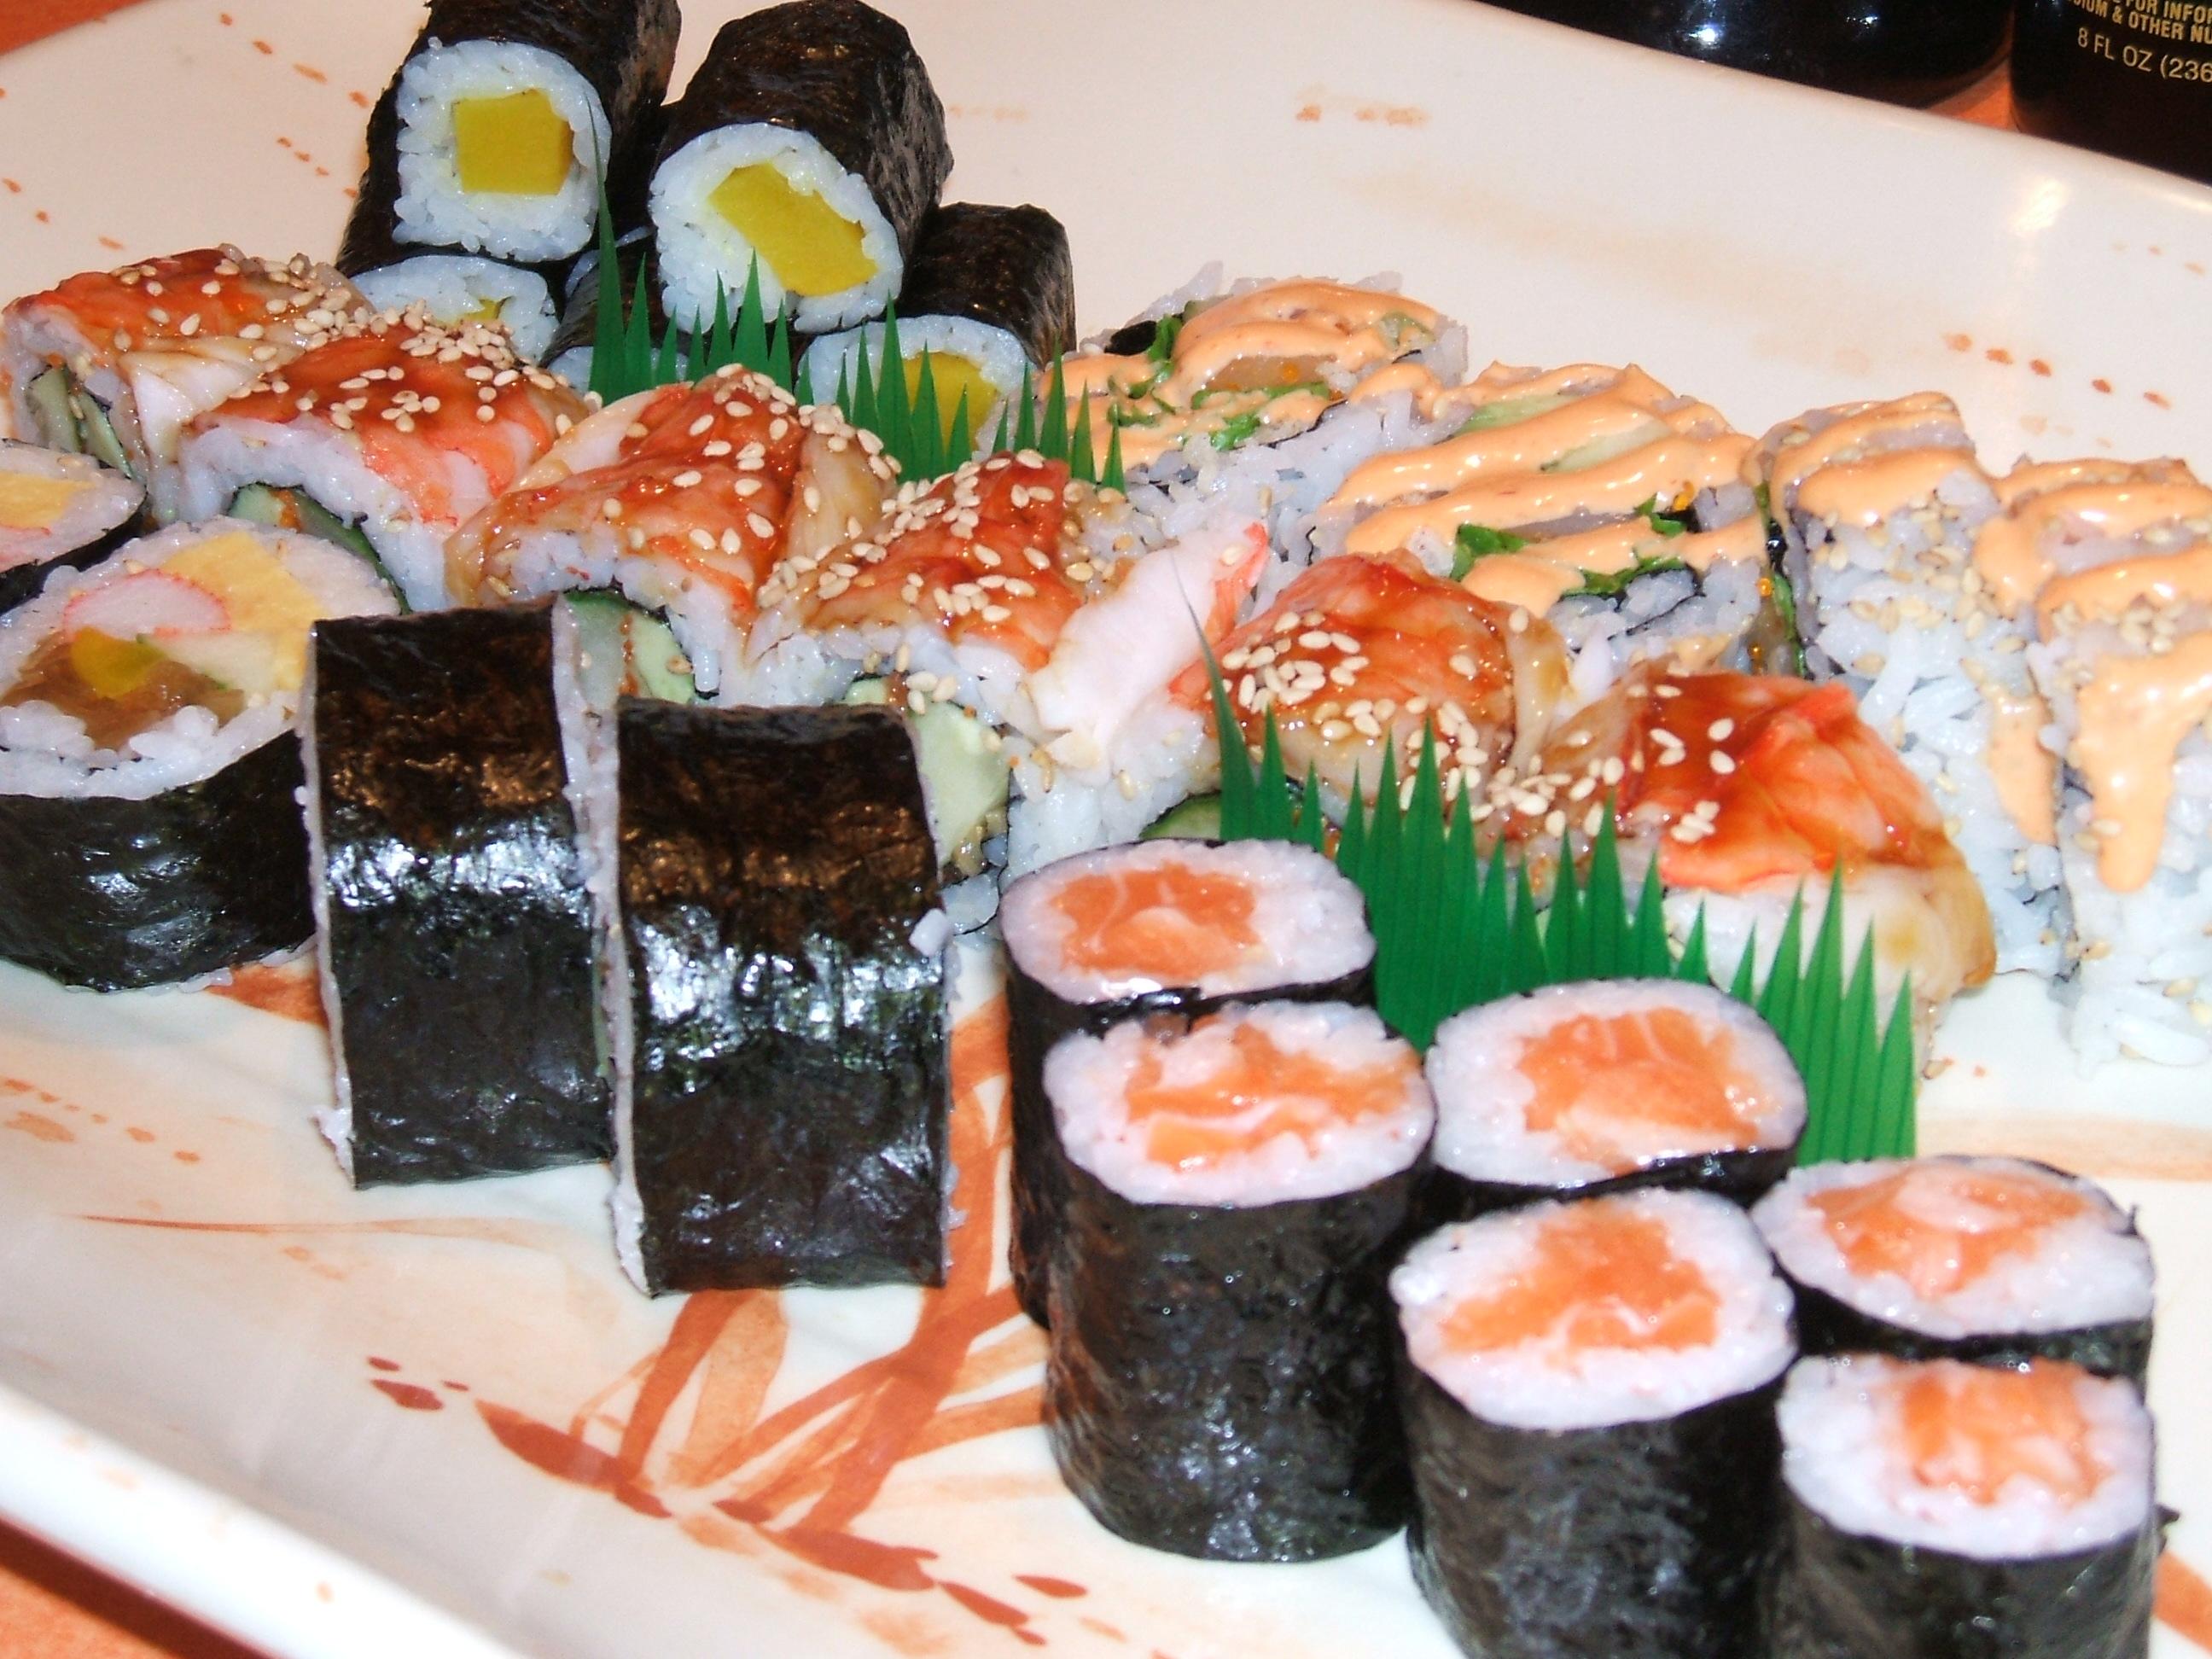 shino-express-sushi-newbury-st